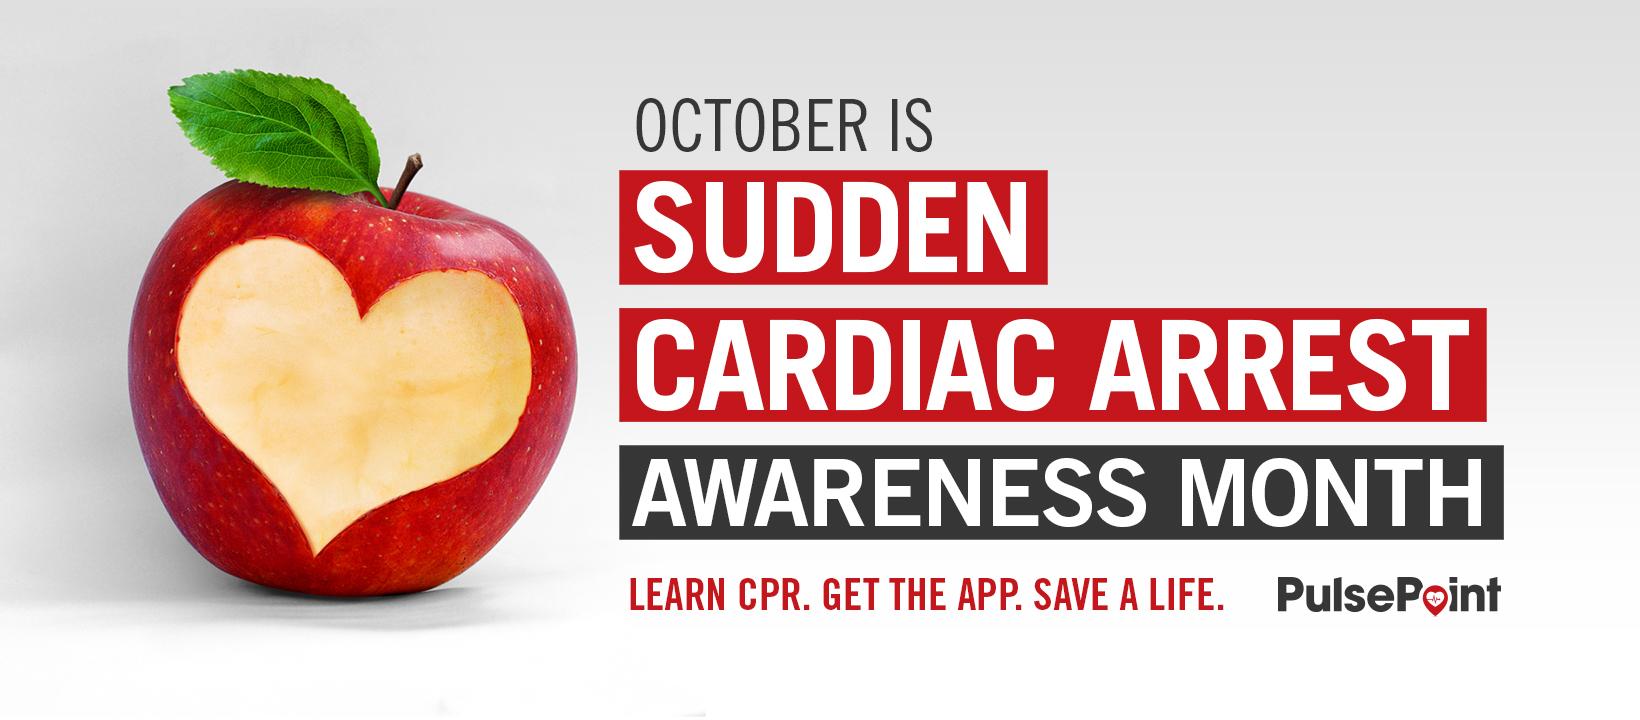 PulsePoint Heart Apple Facebook Banner 1640x720.